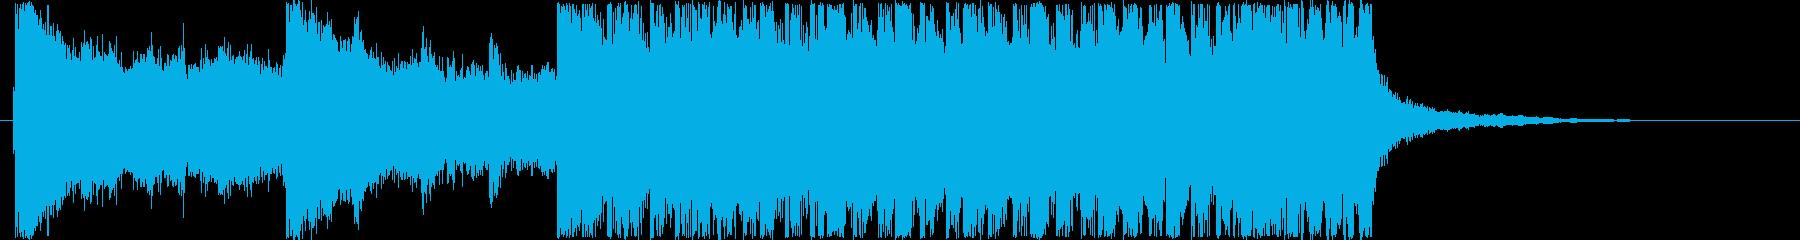 ジングル - 怒りの再生済みの波形